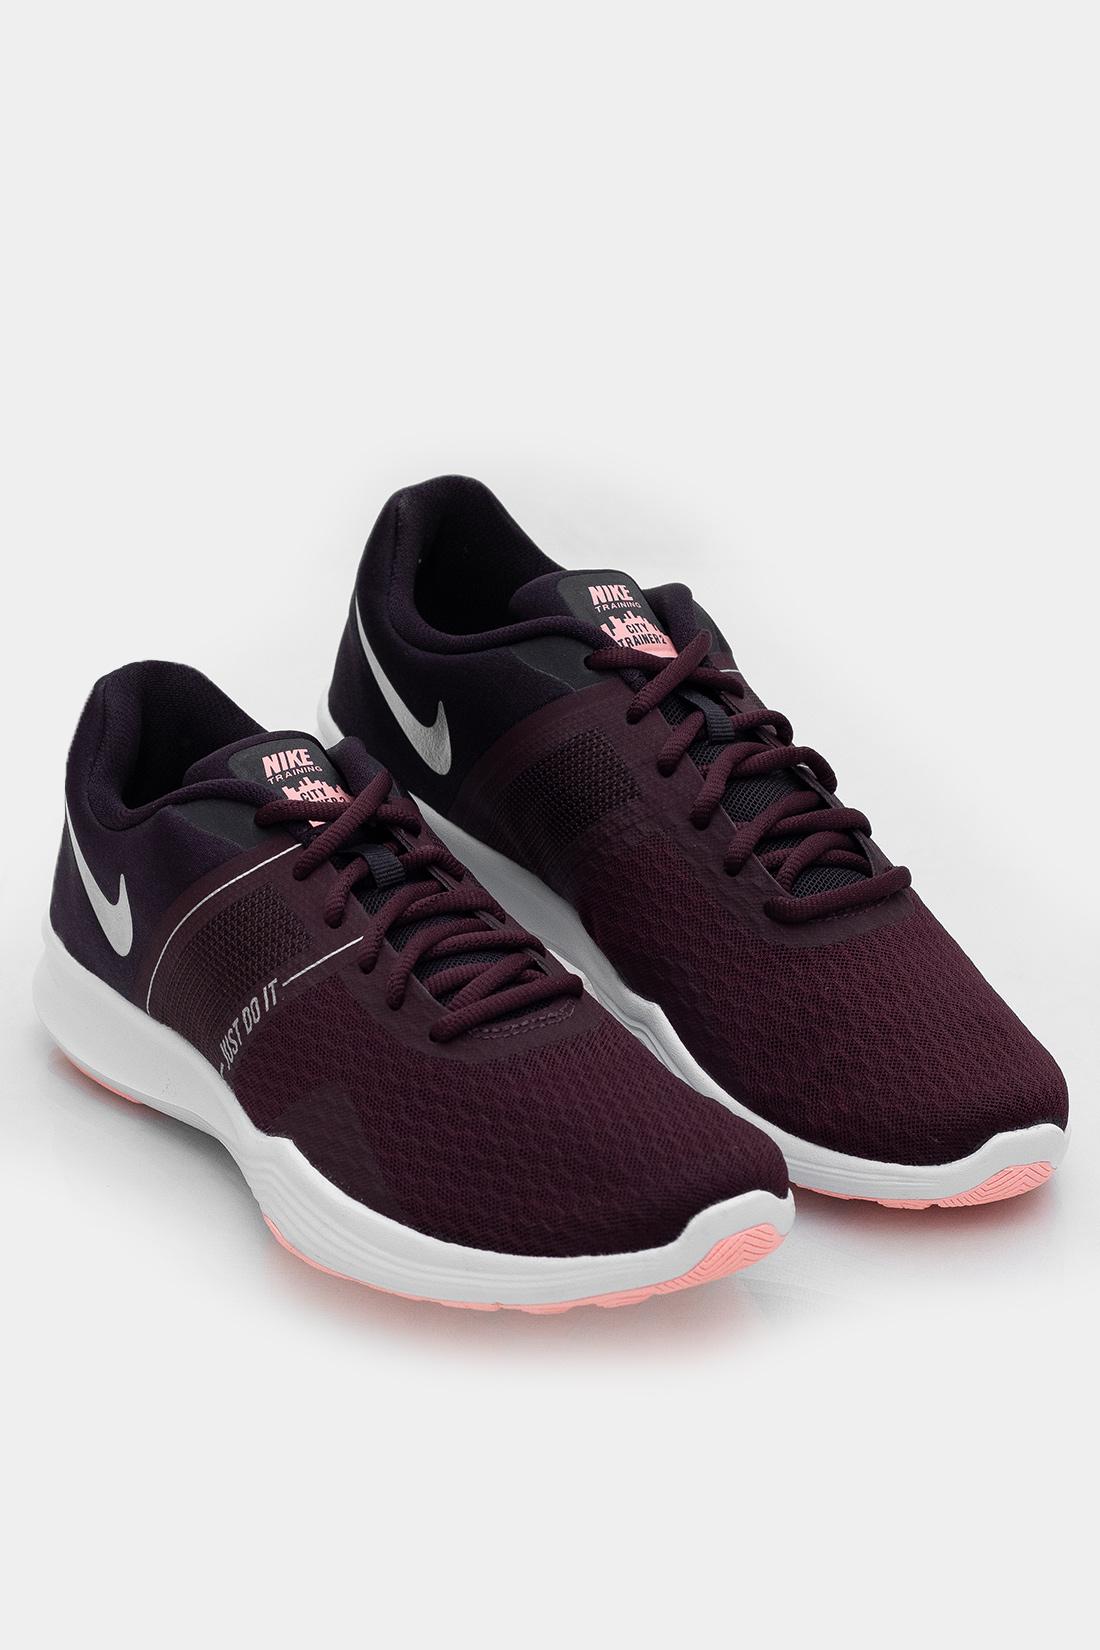 Tenis Running Nike City Trainer 2